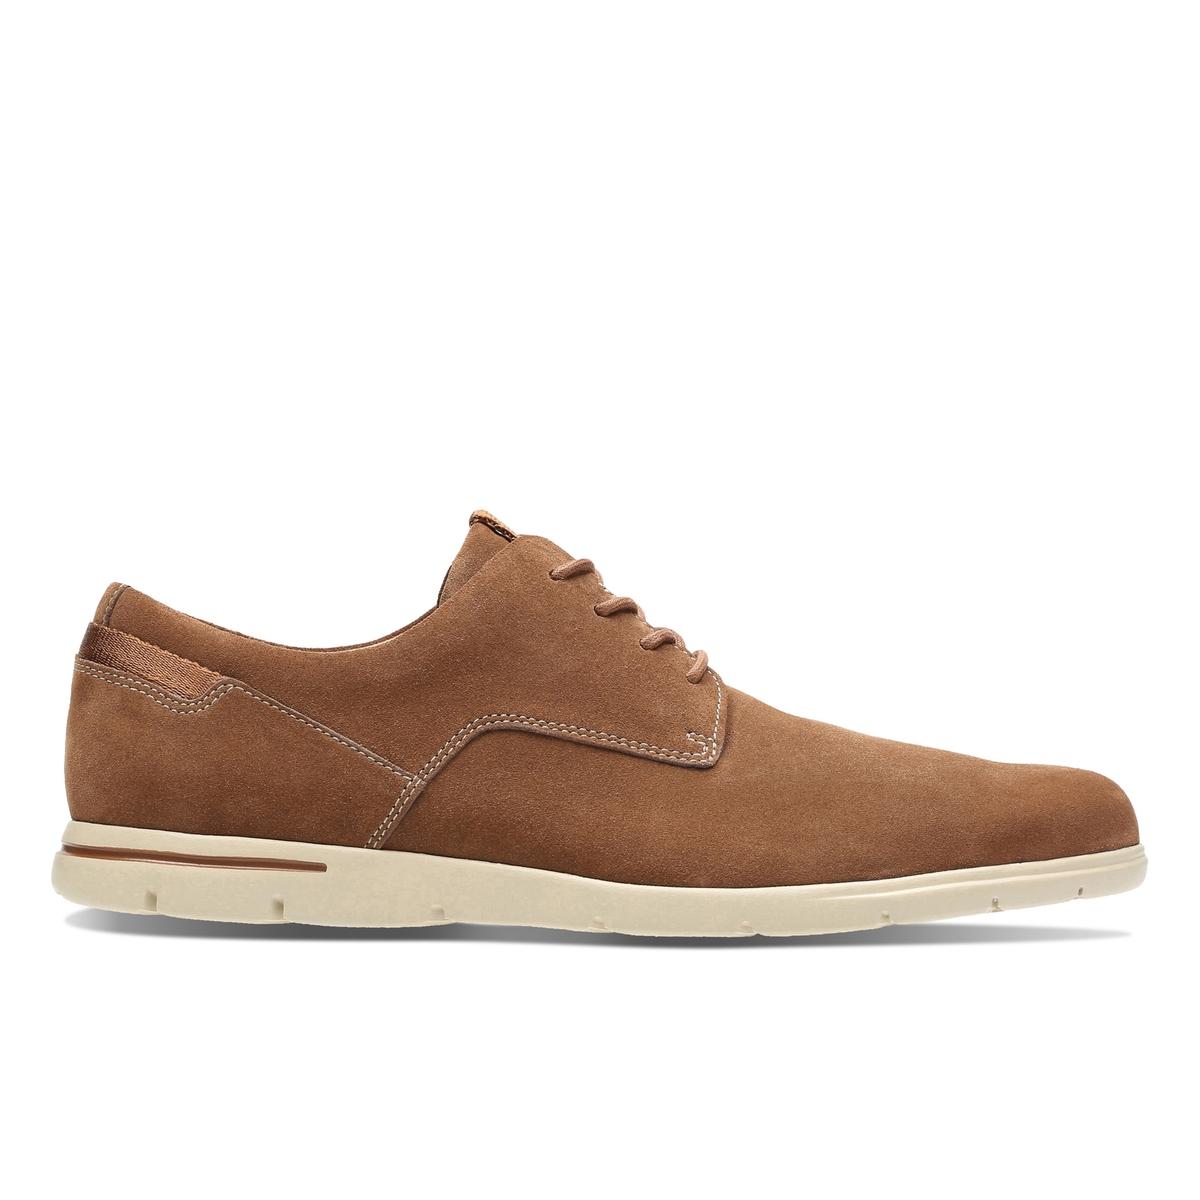 Ботинки-дерби из замши Vennor Walk цены онлайн